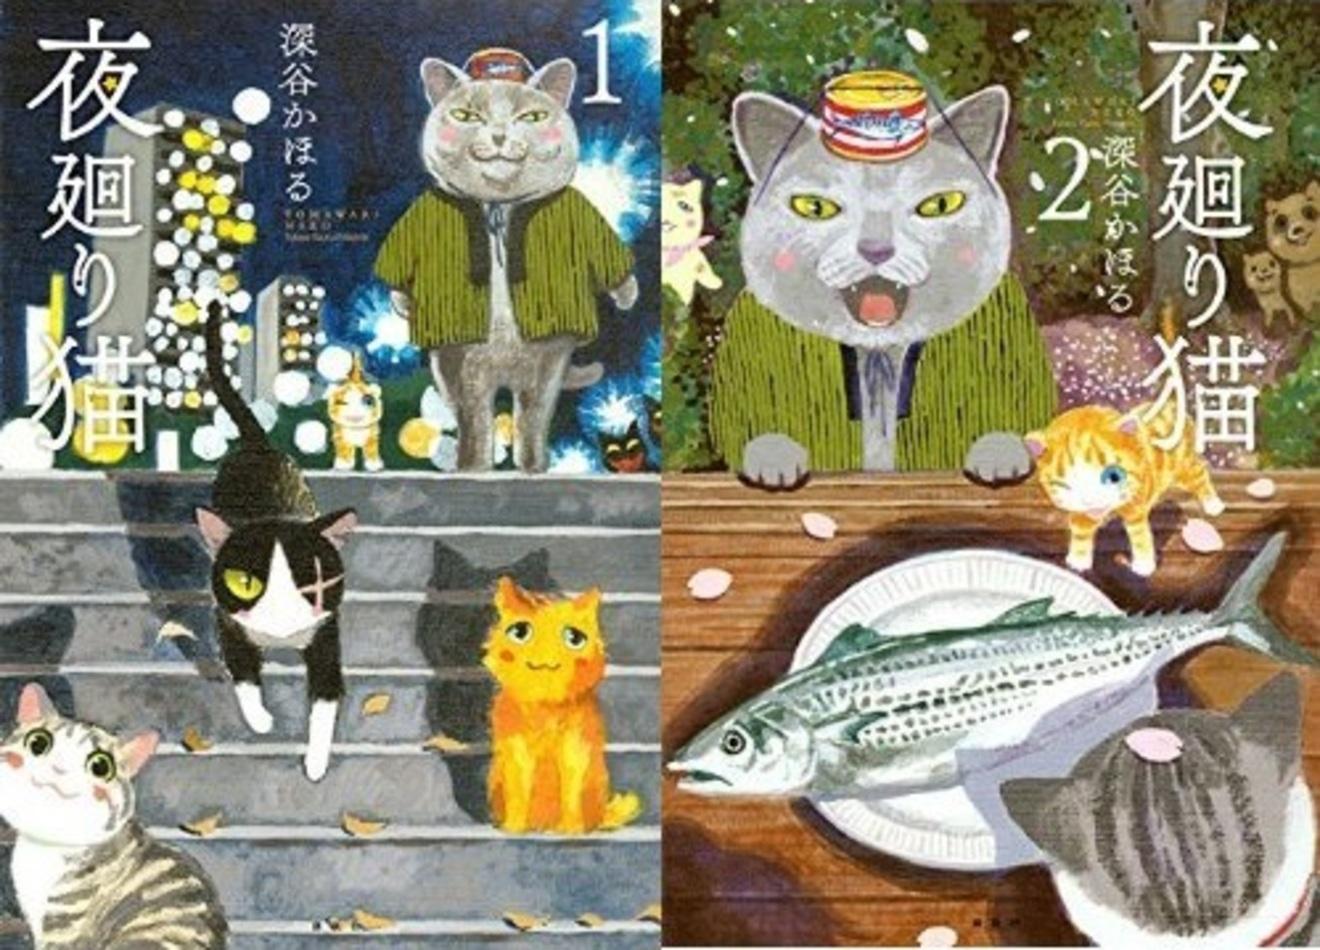 泣ける猫漫画『夜廻り猫』の全魅力!キャラクターから料理までわかるまとめ